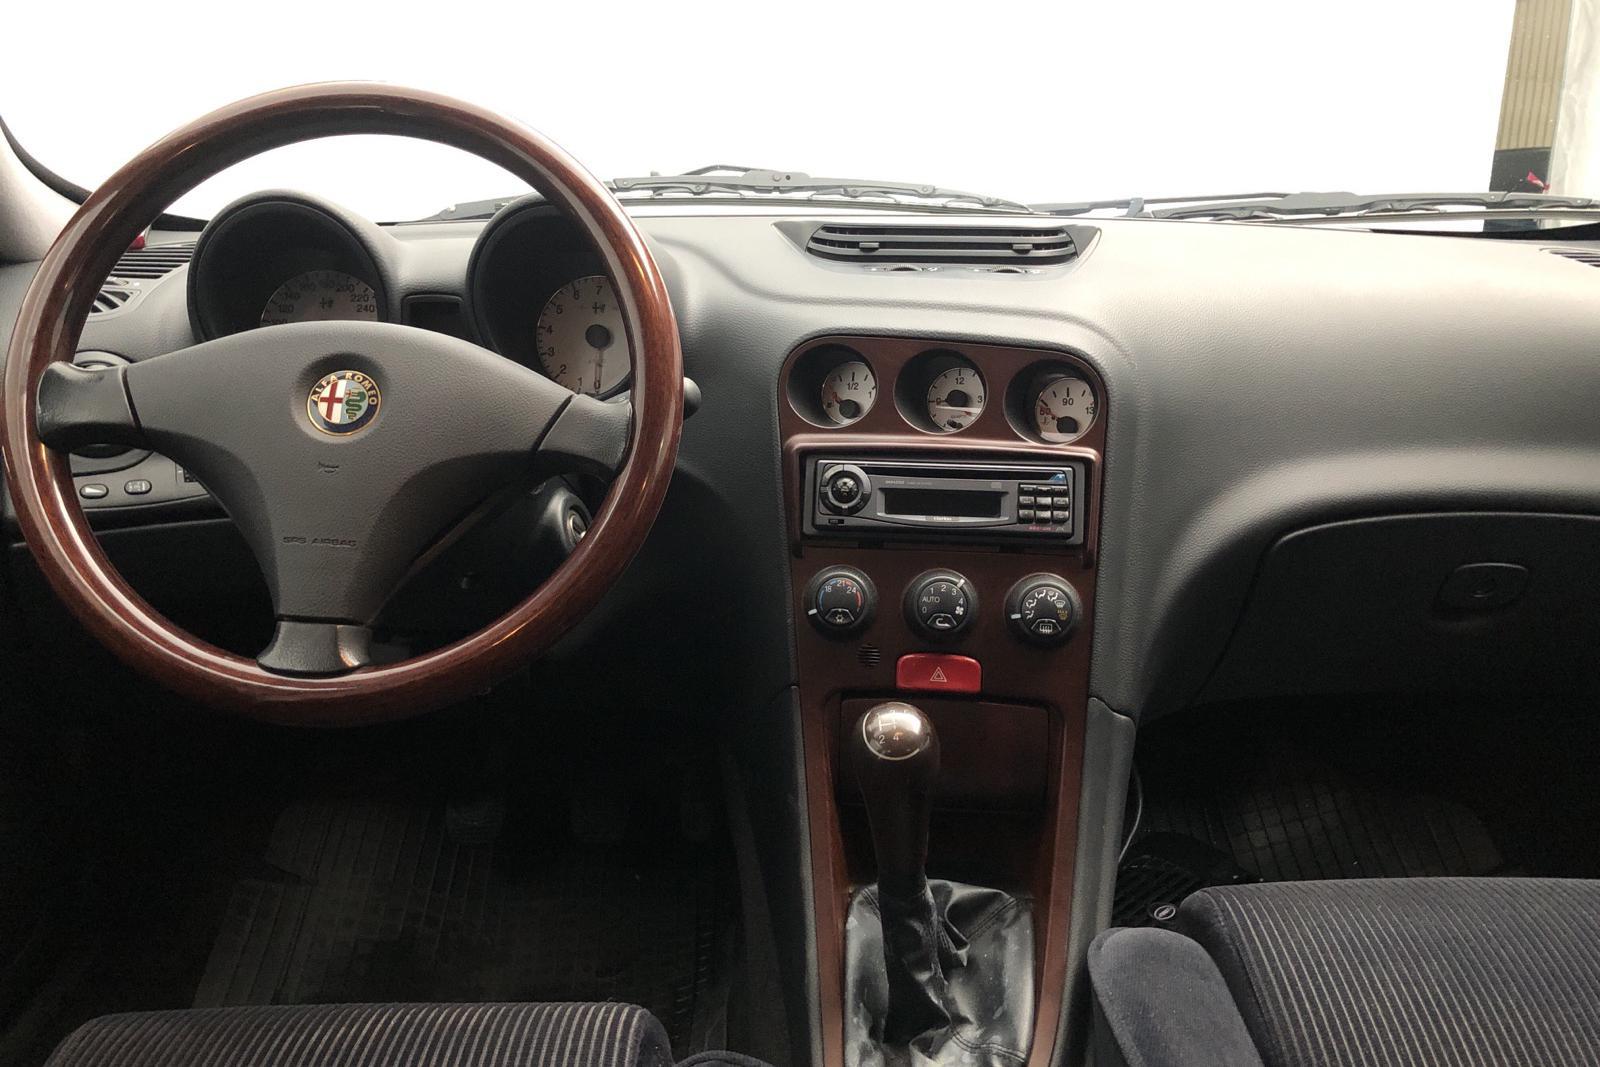 Alfa Romeo 156 2.0 TS (155hk) - 44 350 km - Manual - Dark Blue - 1998